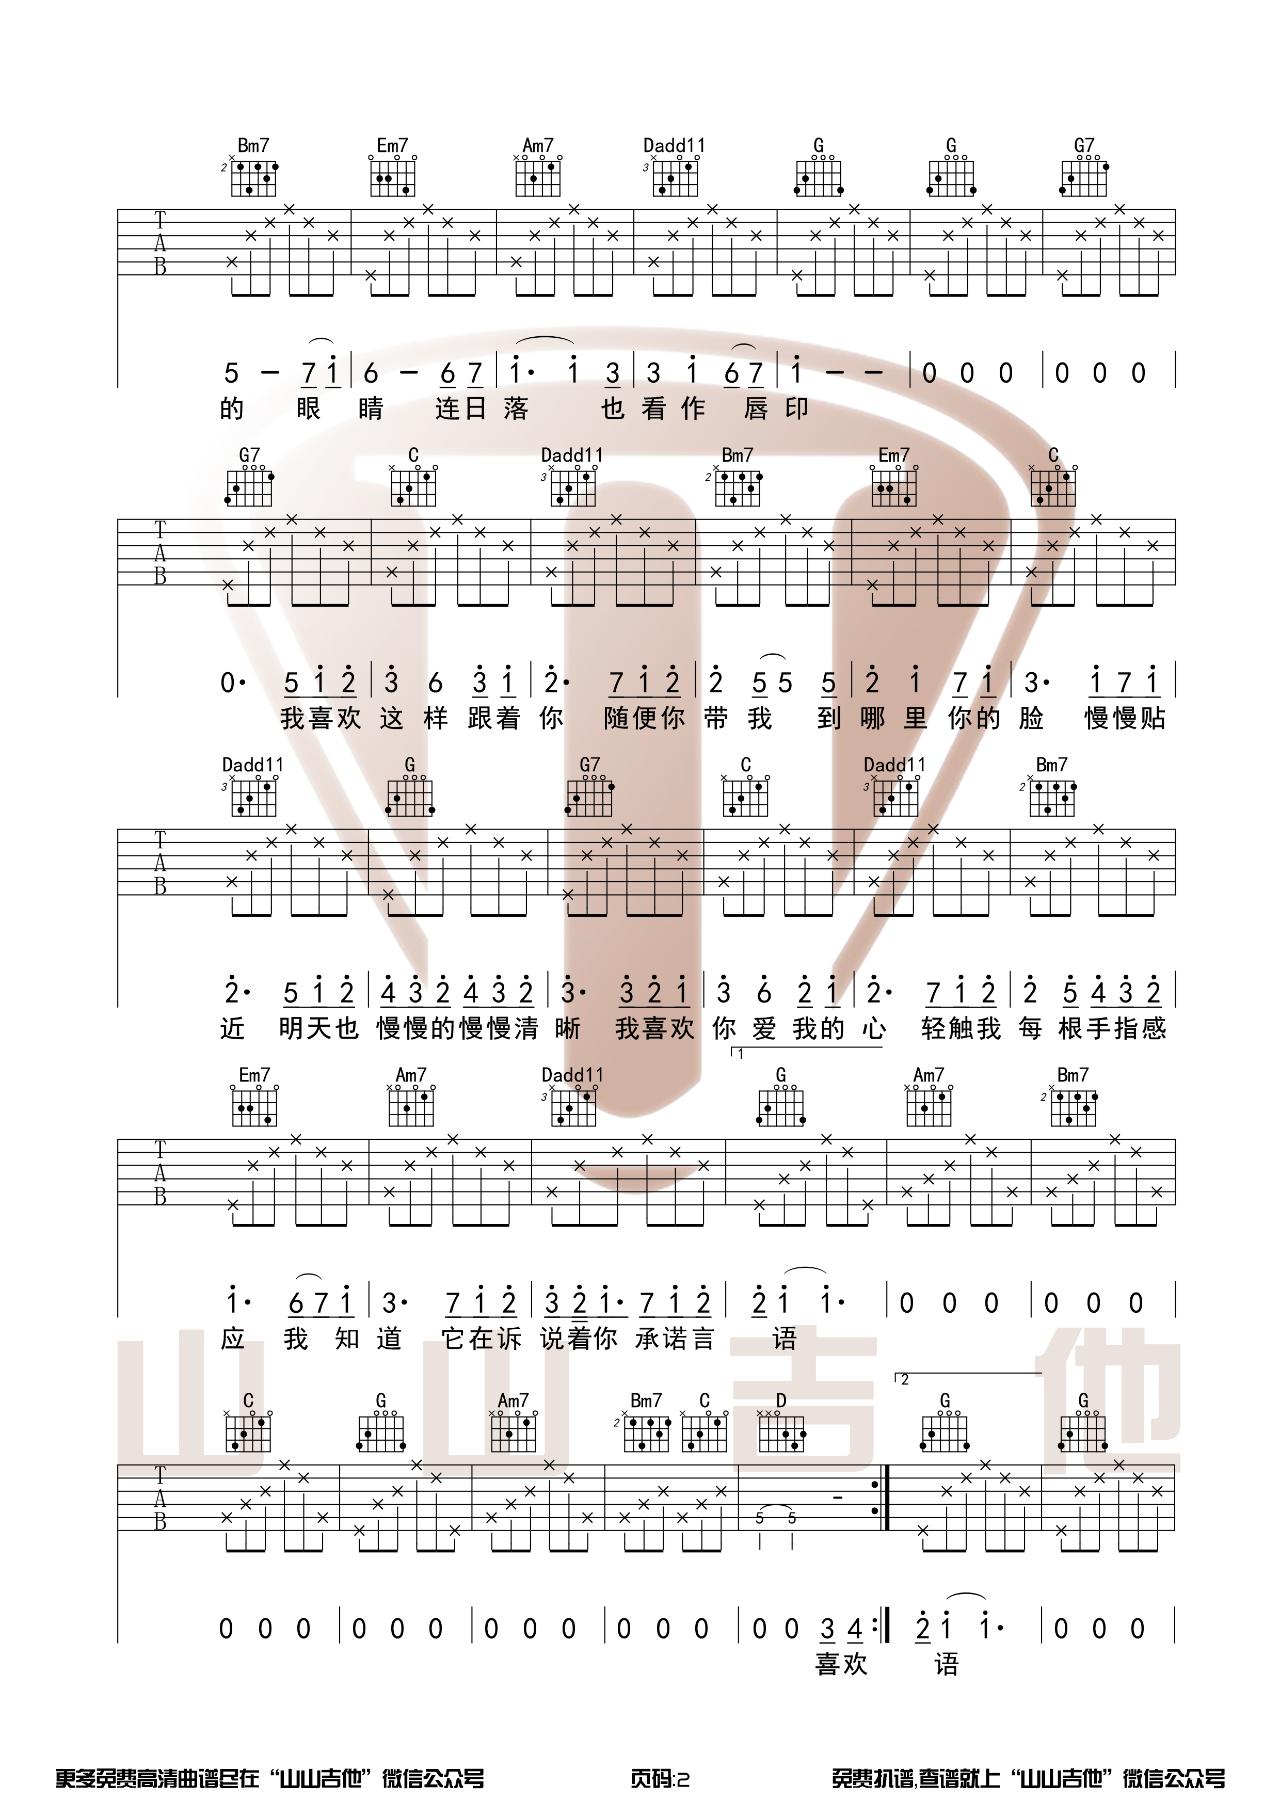 吉他派-《喜欢你》吉他谱-2